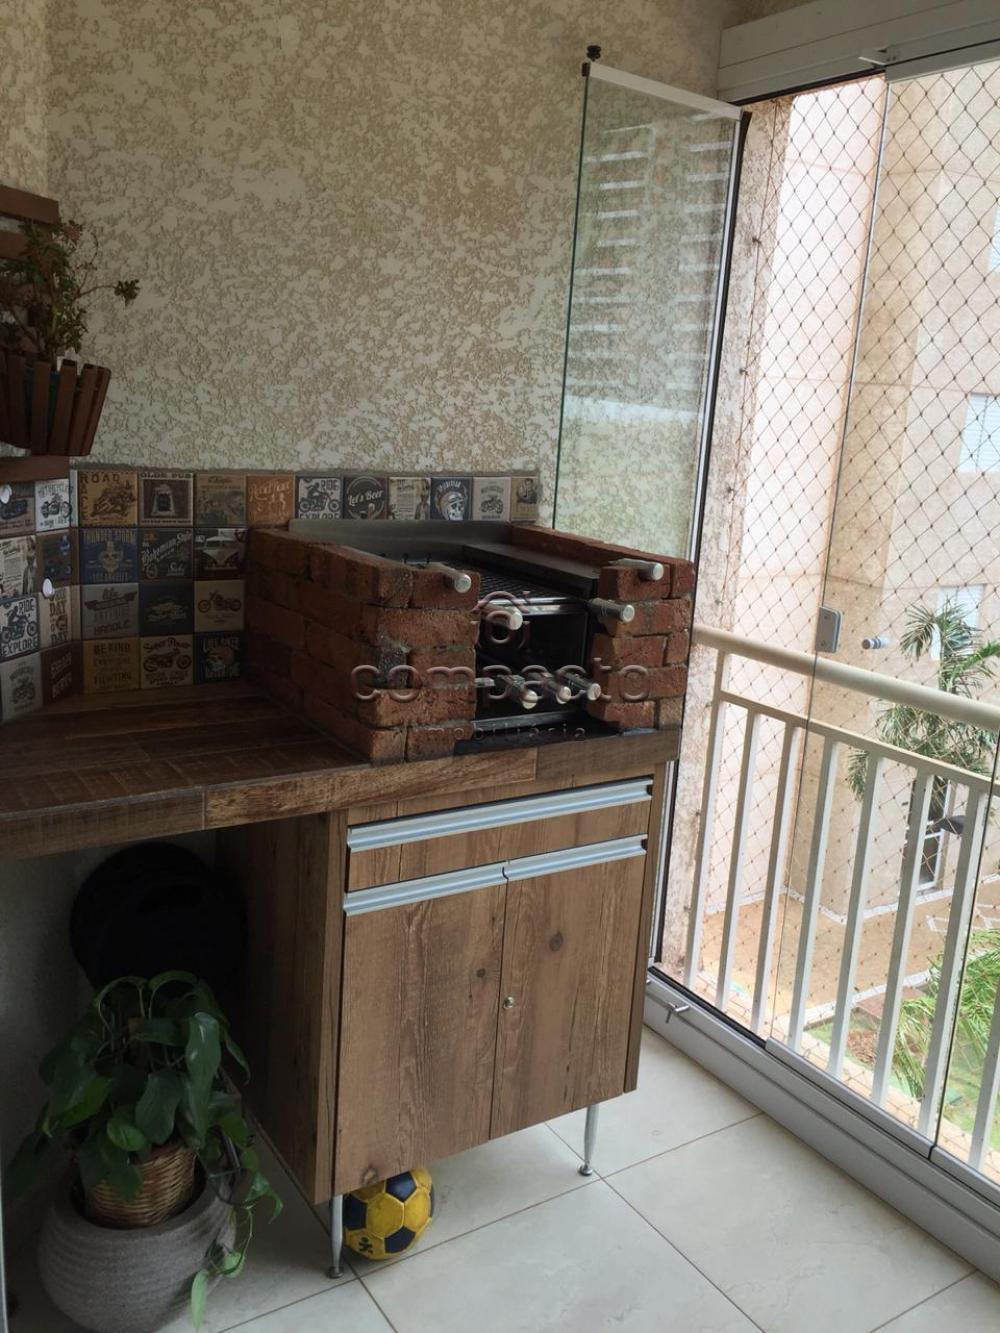 Comprar Apartamento / Padrão em São José do Rio Preto apenas R$ 370.000,00 - Foto 6